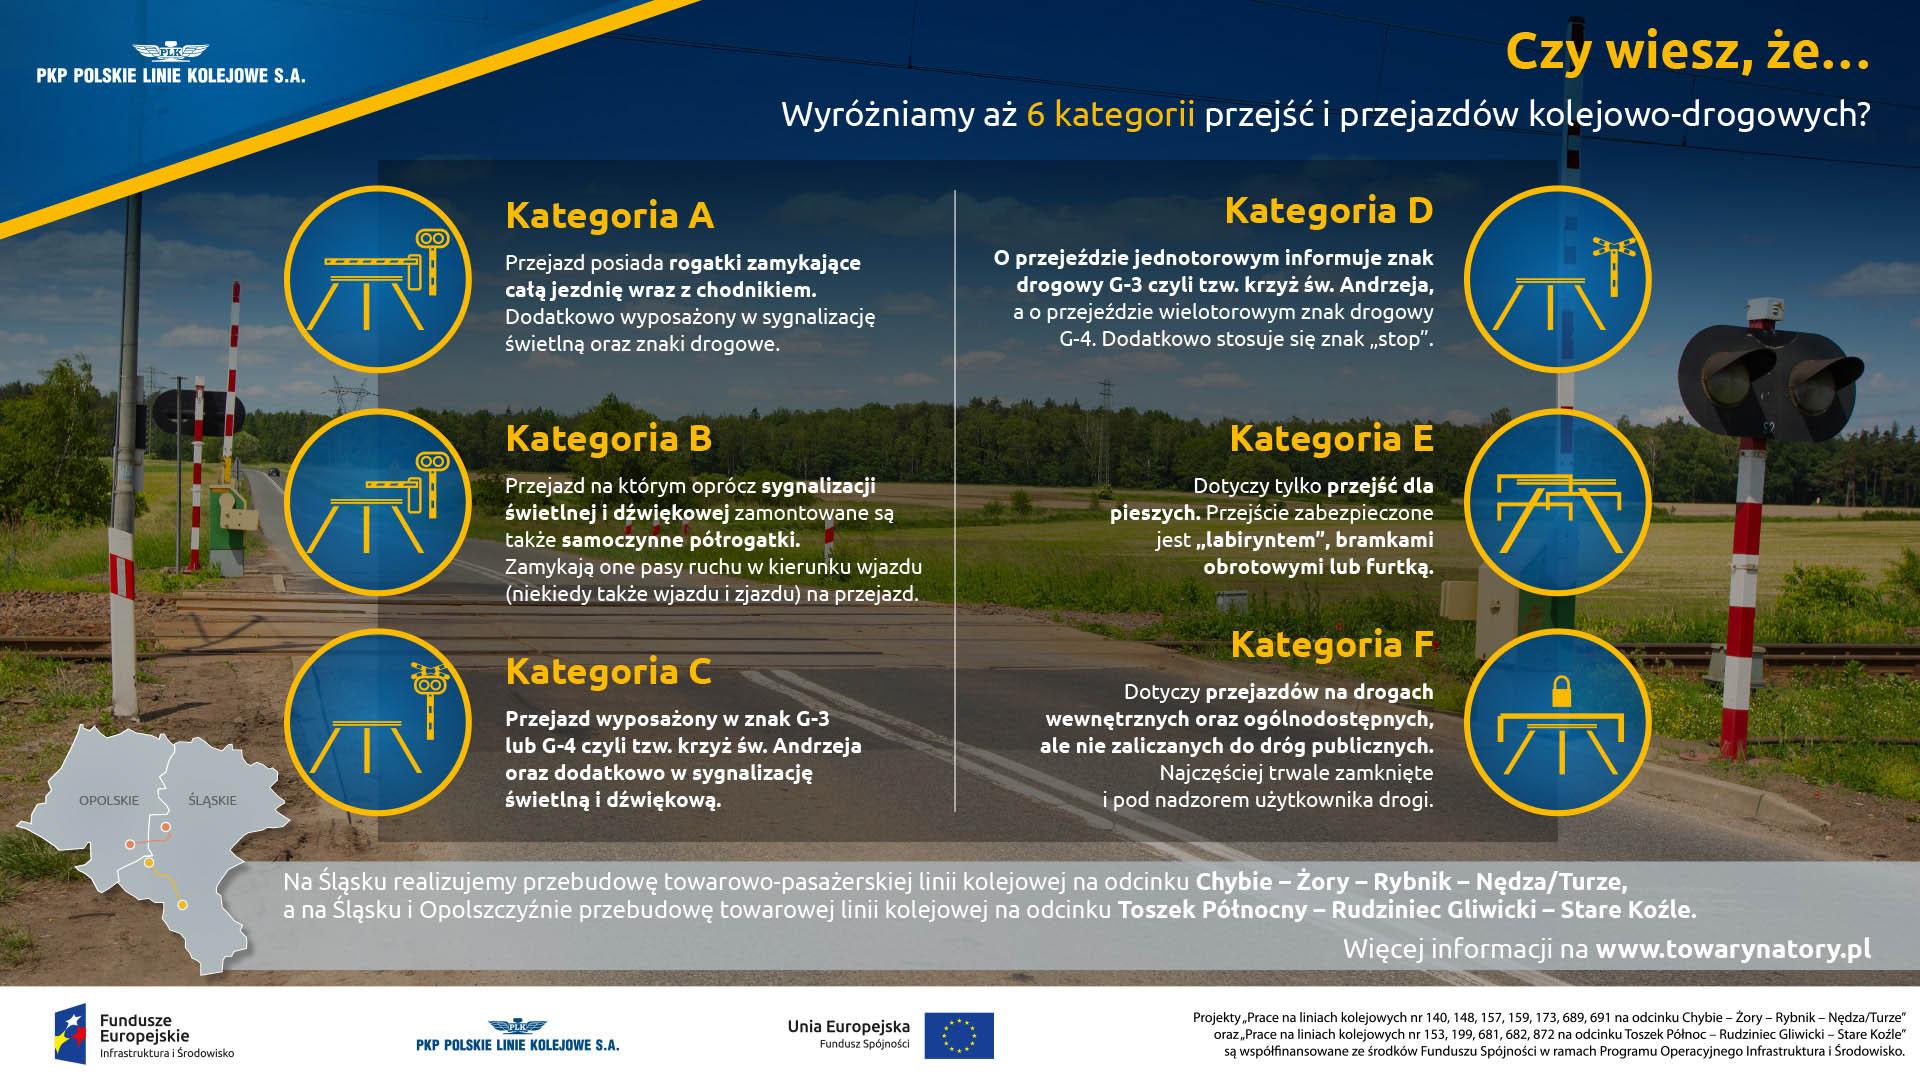 Infografika mówi o 6 typach przejazdów kolejowych: kategoria A - rogatki zamykając całą jezdnie wraz z chodnikiem plus sygnalizacja świetlna, kategoria B - sygnalizacja świetlna i pół rogatka, kategoria C - tylko sygnalizacja świetlna, kategoria D - tylko znak zwany krzyżem świętego Andrzeja, kategoria E - tak zwany labirynt dla pieszych, kategoria F - na drogach prywatnych - zamknięty na stałe